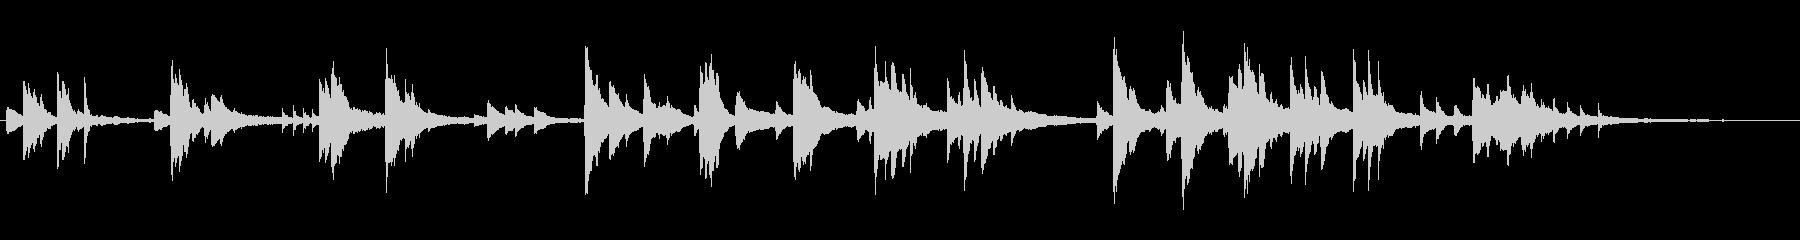 爽やかで優しく少し切ない ピアノソロ 2の未再生の波形